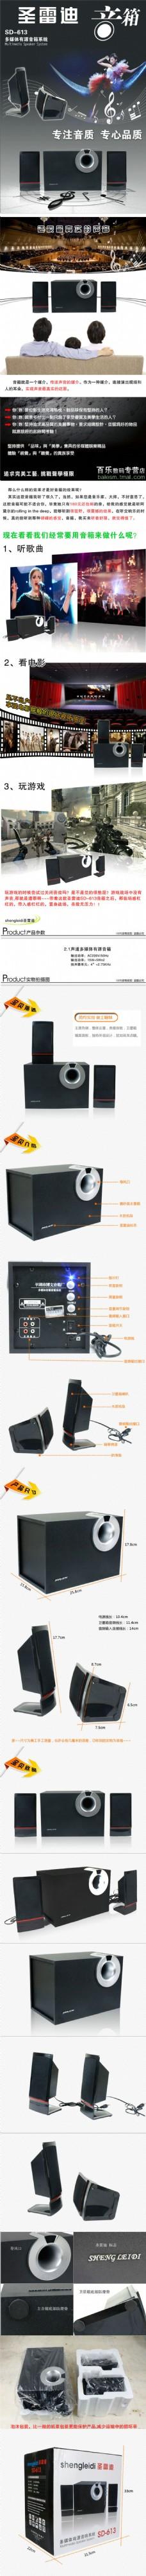 电子产品淘宝电商数码家电详情页设计模板